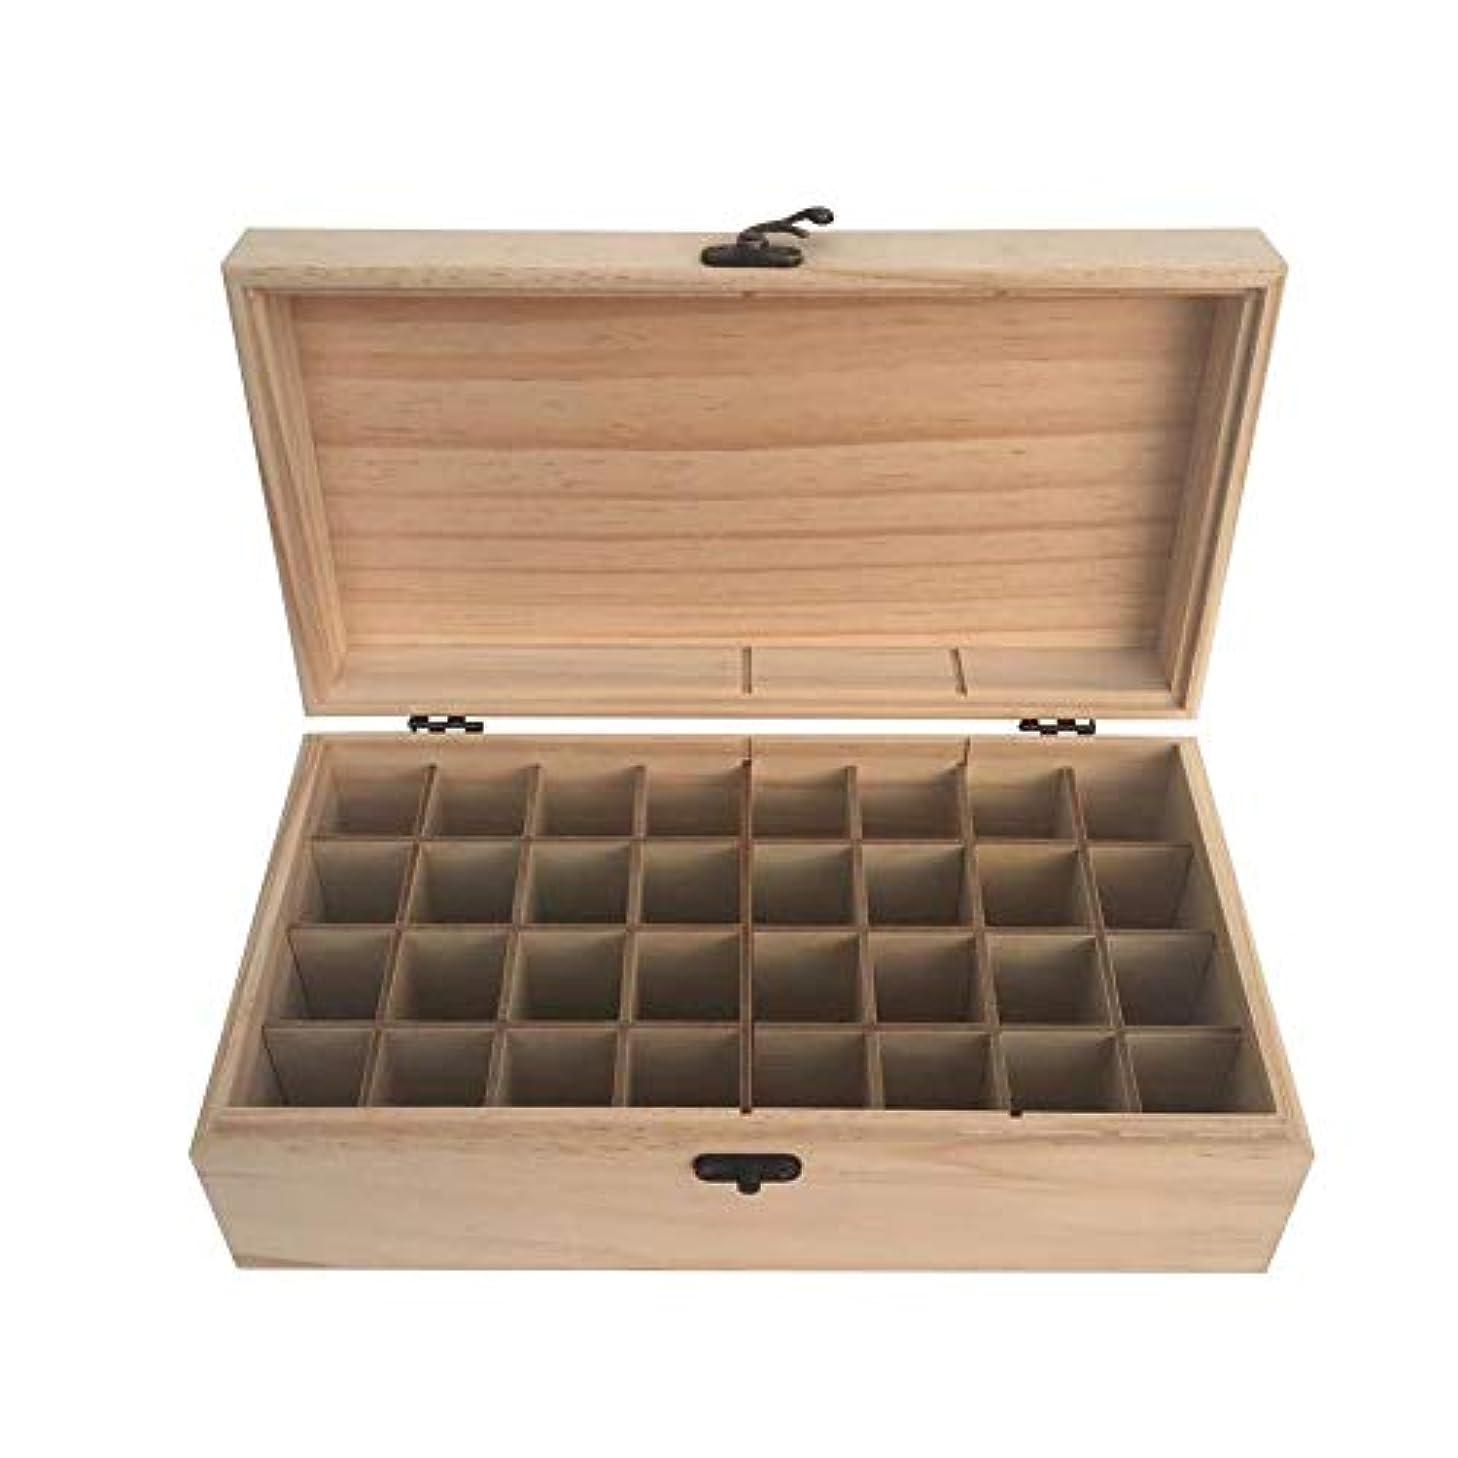 甥凍った警官エッセンシャルオイル収納ボックス 精油収納ケース 大容量 32本収納可能 取り外し可能 木製 環境に優しい 5ml~15mlの精油ボルトに対応 junexi